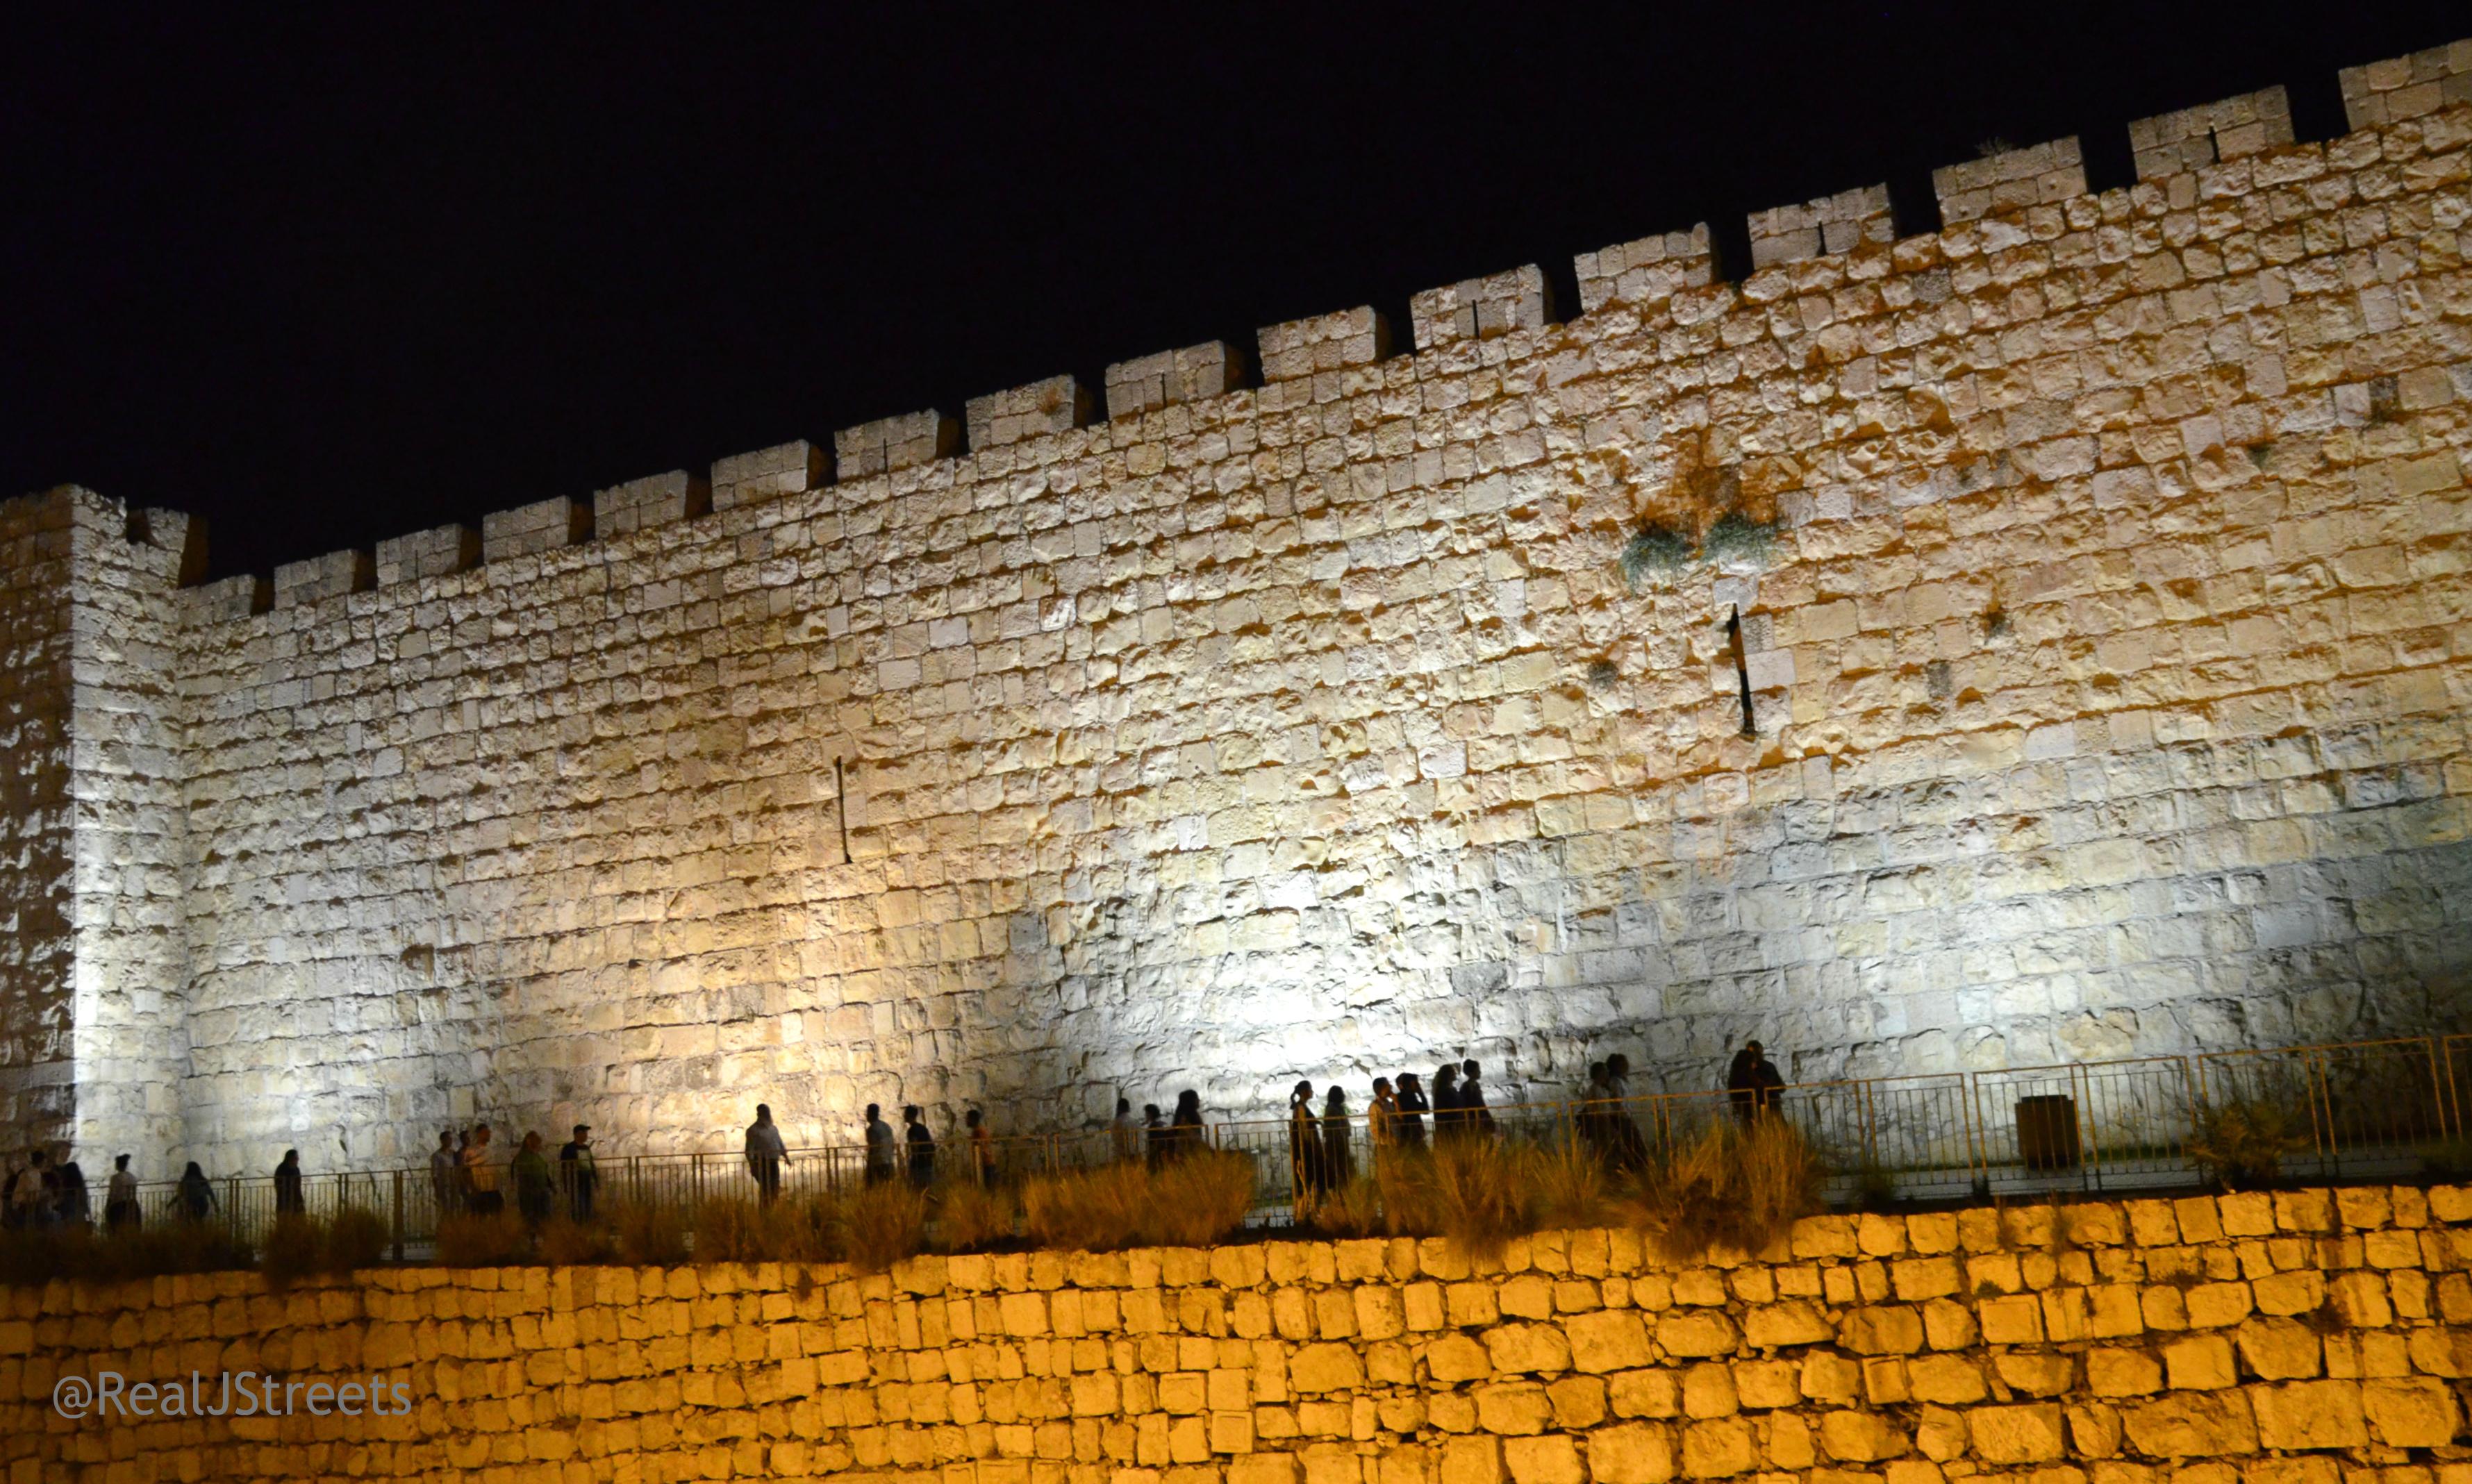 Jerusalem,Israel at night